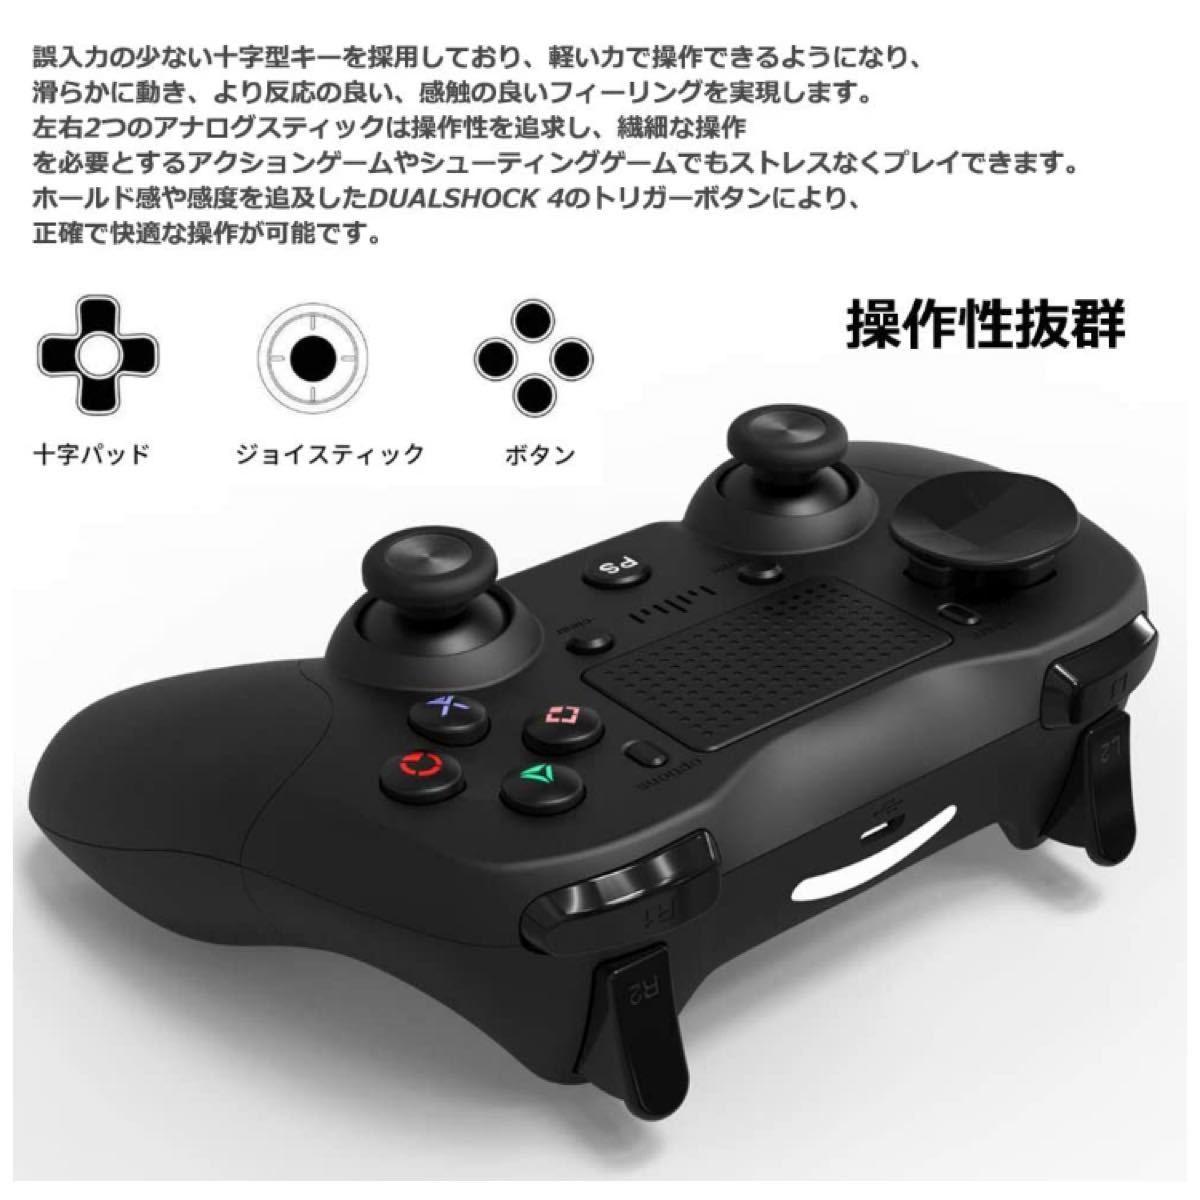 PS4用 コントローラー 無線 Bluetooth接続 スゲームパッド